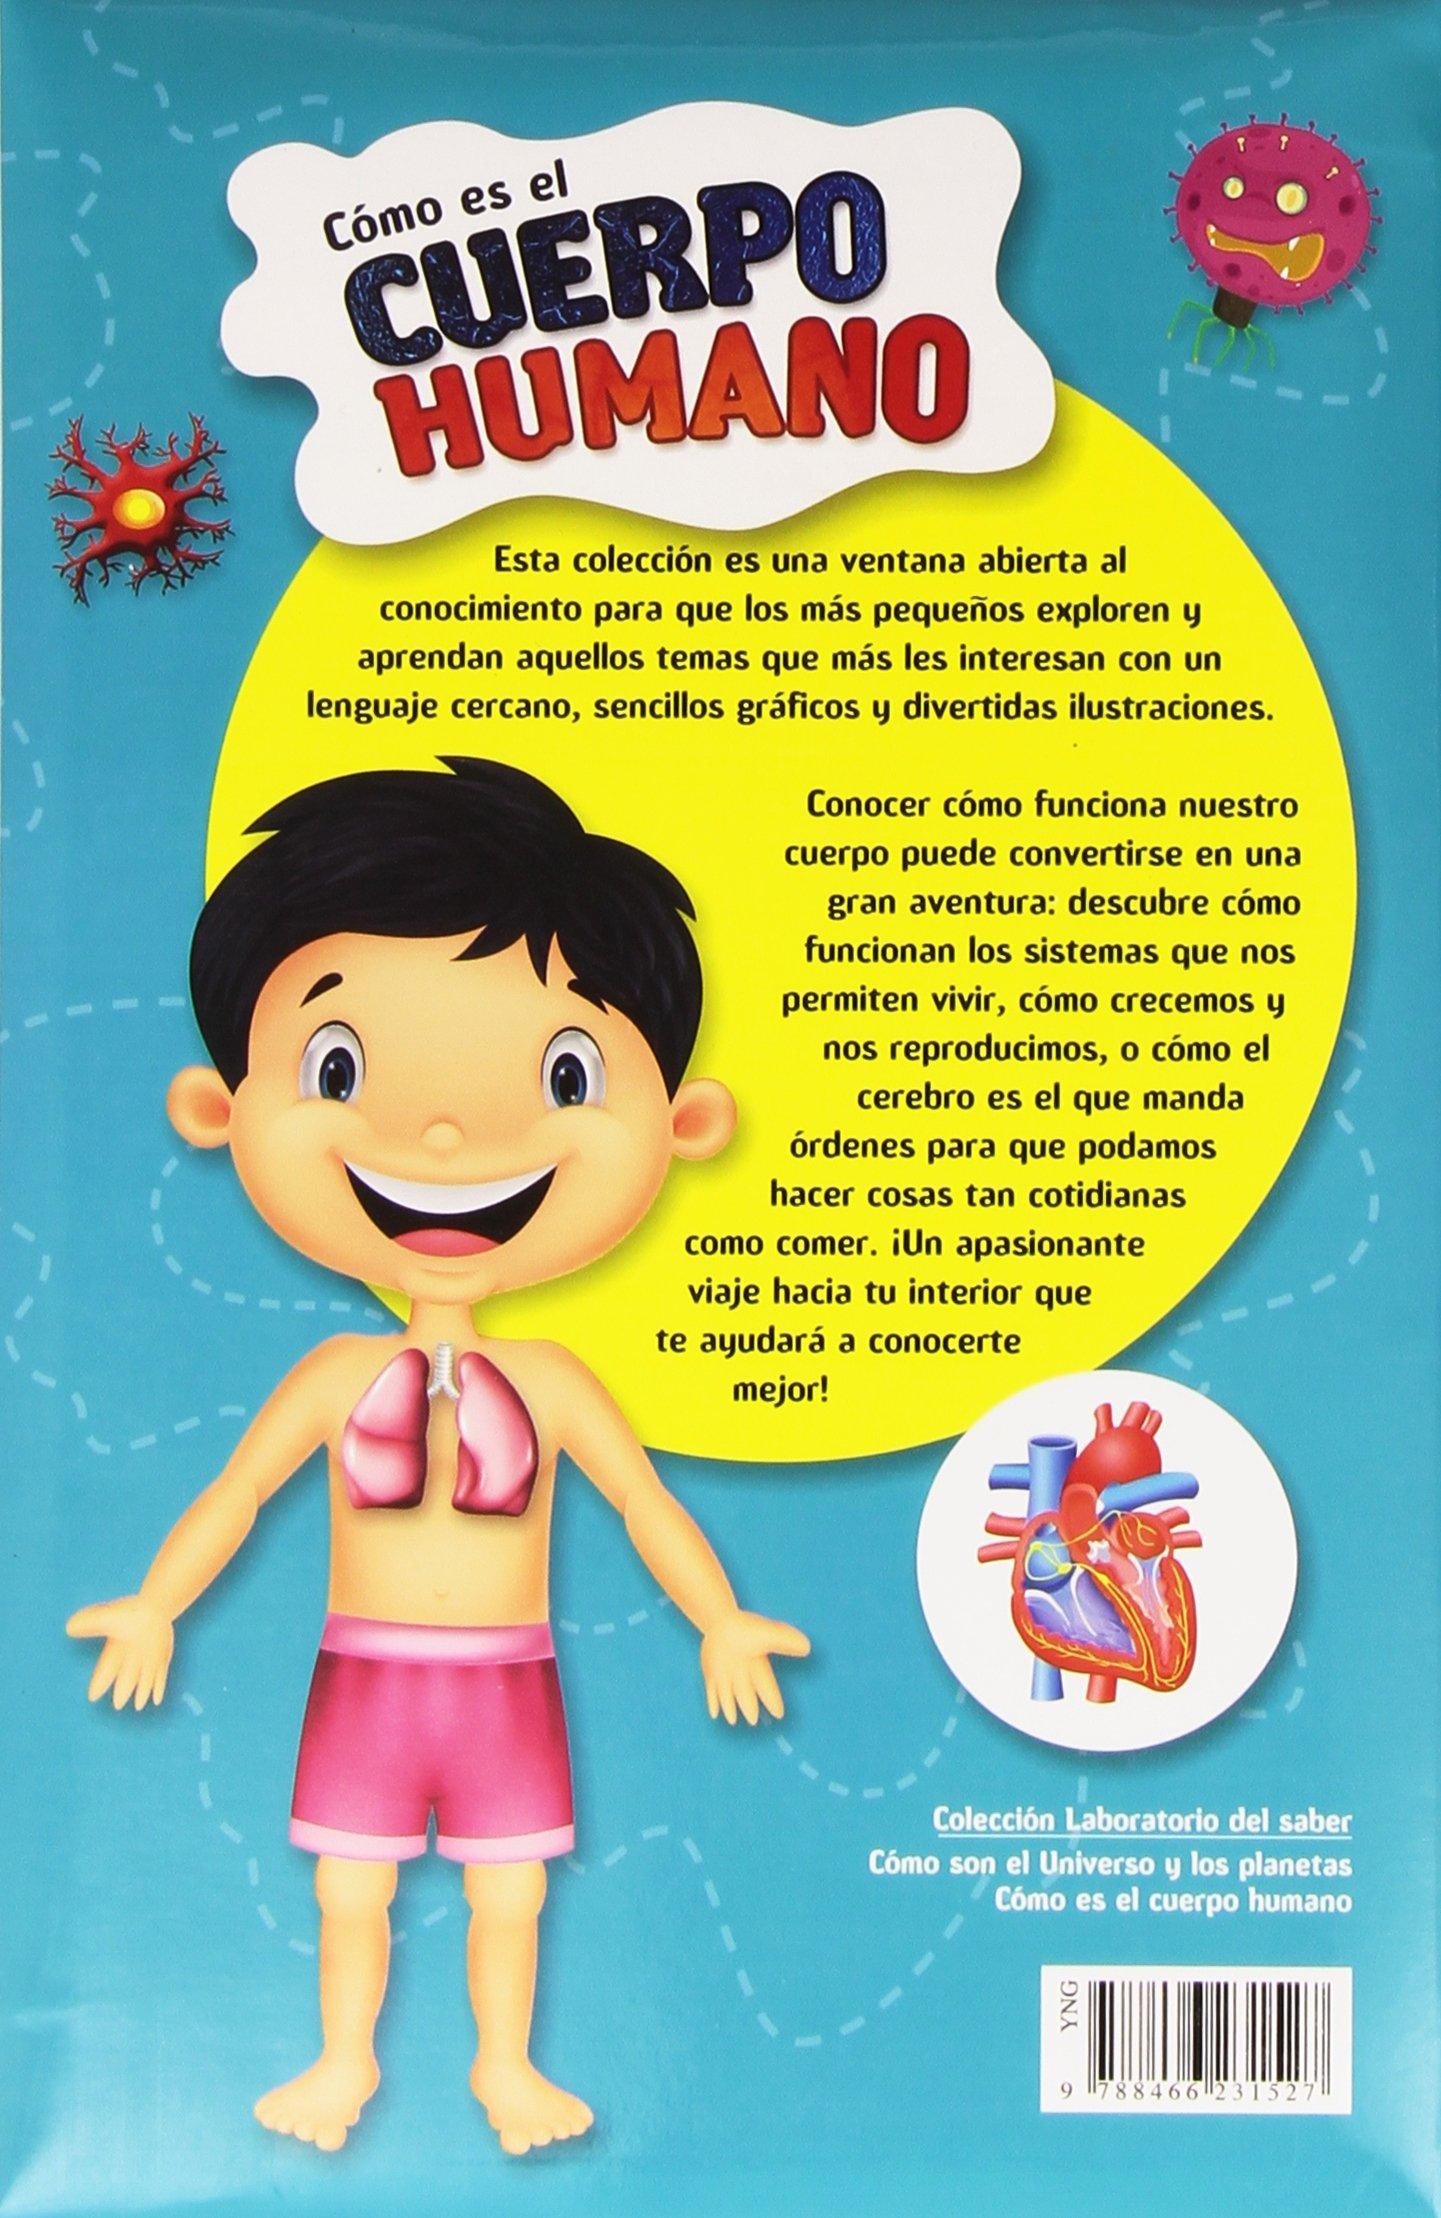 Cómo Es El Cuerpo Humano Laboratorio Del Salber Laboratorio del Saber: Amazon.es: Aa.Vv: Libros